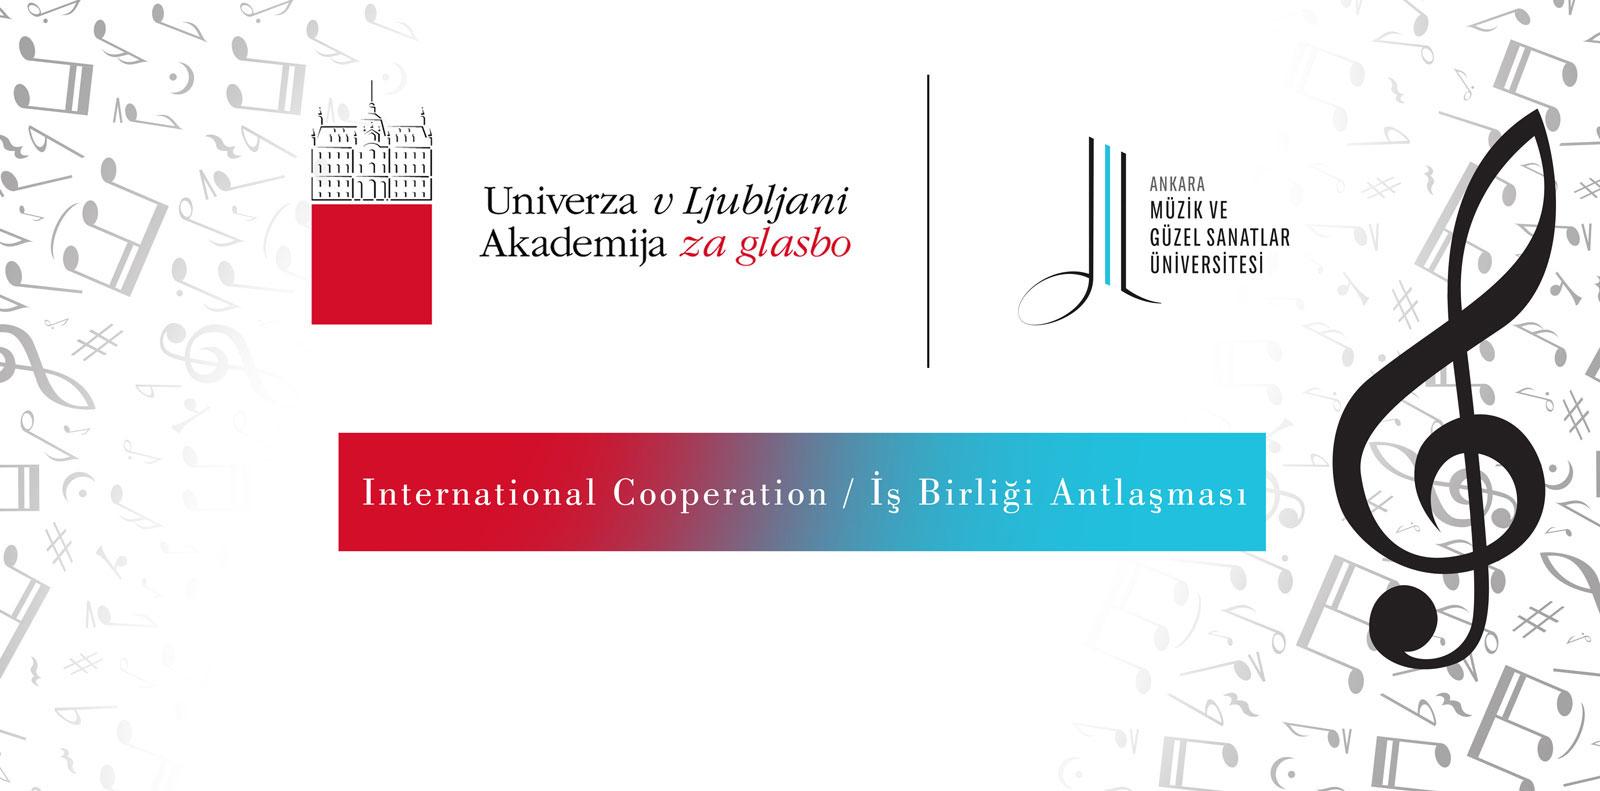 Uluslararası İlişkiler Slide 07